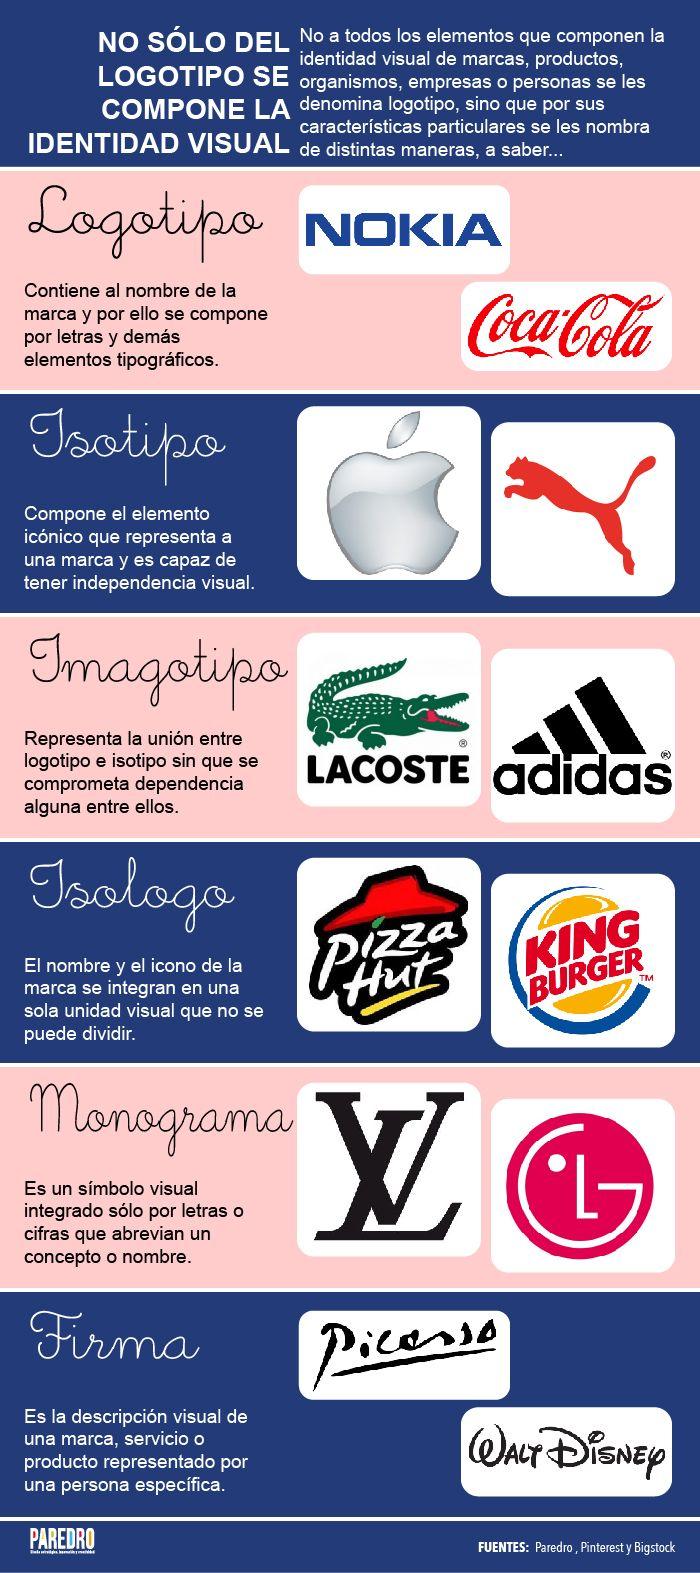 #Infografía: no sólo del logotipo de compone un identidad visual Nuestra infografía te ayudará definir distinguir correctamente entre logotipo, isotipo, imagotipo, isologo, monograma y firma.